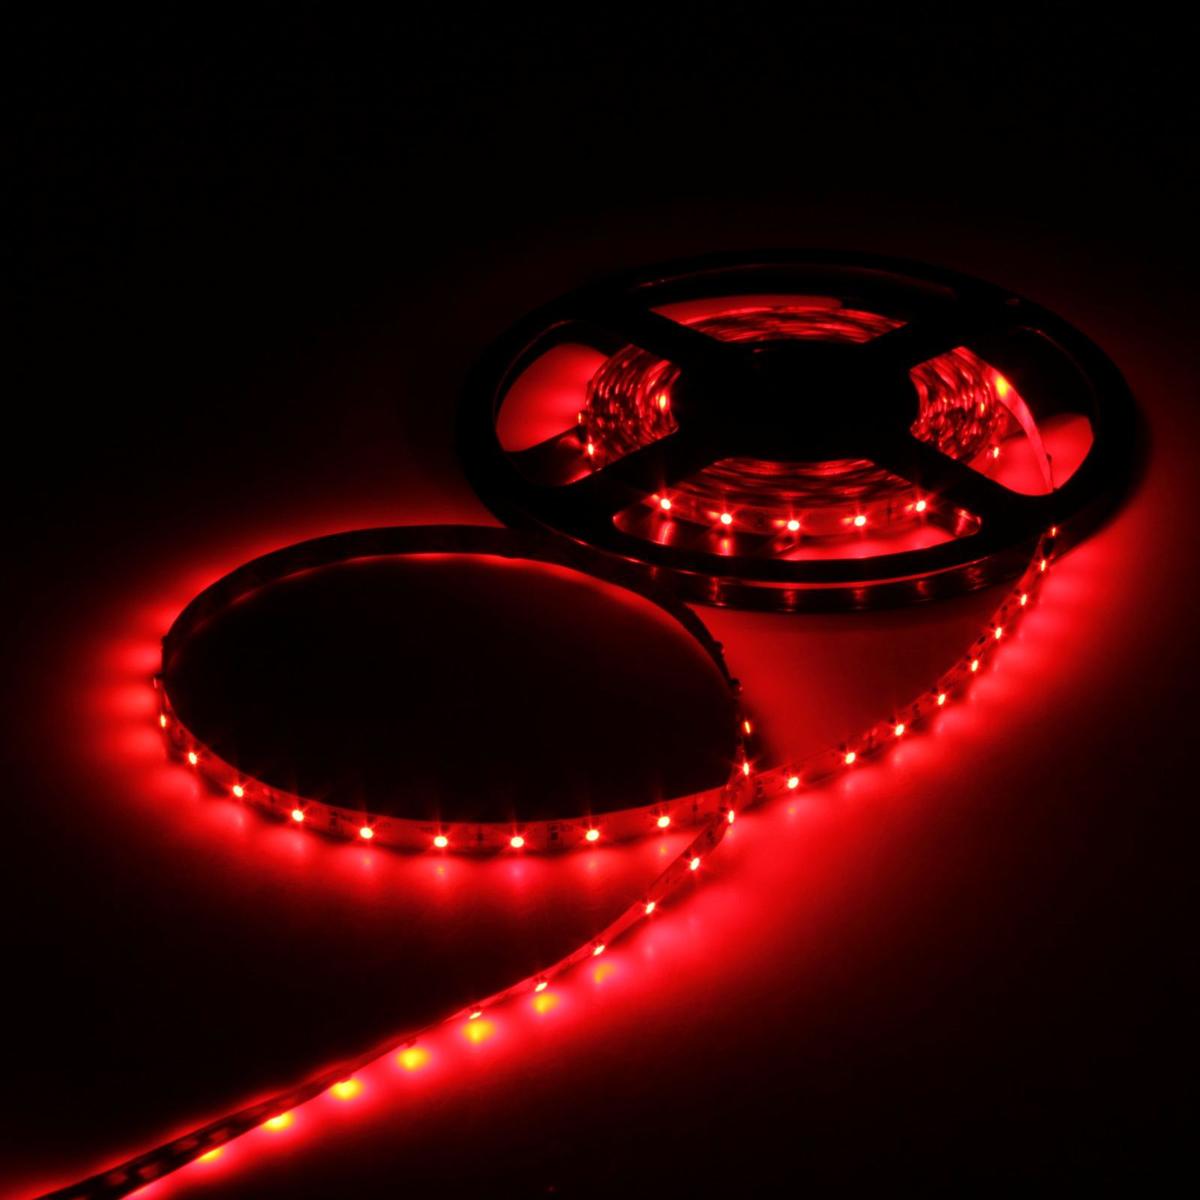 Светодиодная лента Luazon, 12В, SMD3528, длина 5 м, IP33, 60 LED ламп, 4.8 Вт/м, 6-7 Лм/1 LED, DC, цвет: красный883870Светодиодные гирлянды, ленты и т.д — это отличный вариант для новогоднего оформления интерьера или фасада. С их помощью помещение любого размера можно превратить в праздничный зал, а внешние элементы зданий, украшенные ими, мгновенно станут напоминать очертания сказочного дворца. Такие украшения создают ауру предвкушения чуда. Деревья, фасады, витрины, окна и арки будто специально созданы, чтобы вы украсили их светящимися нитями.